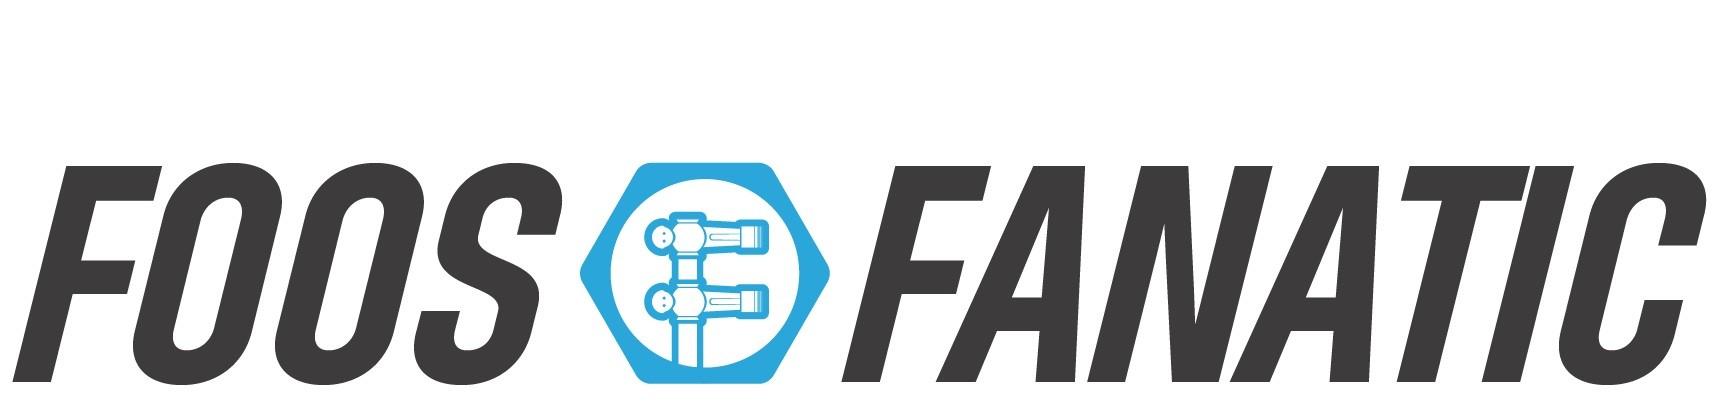 Foos Fanatic